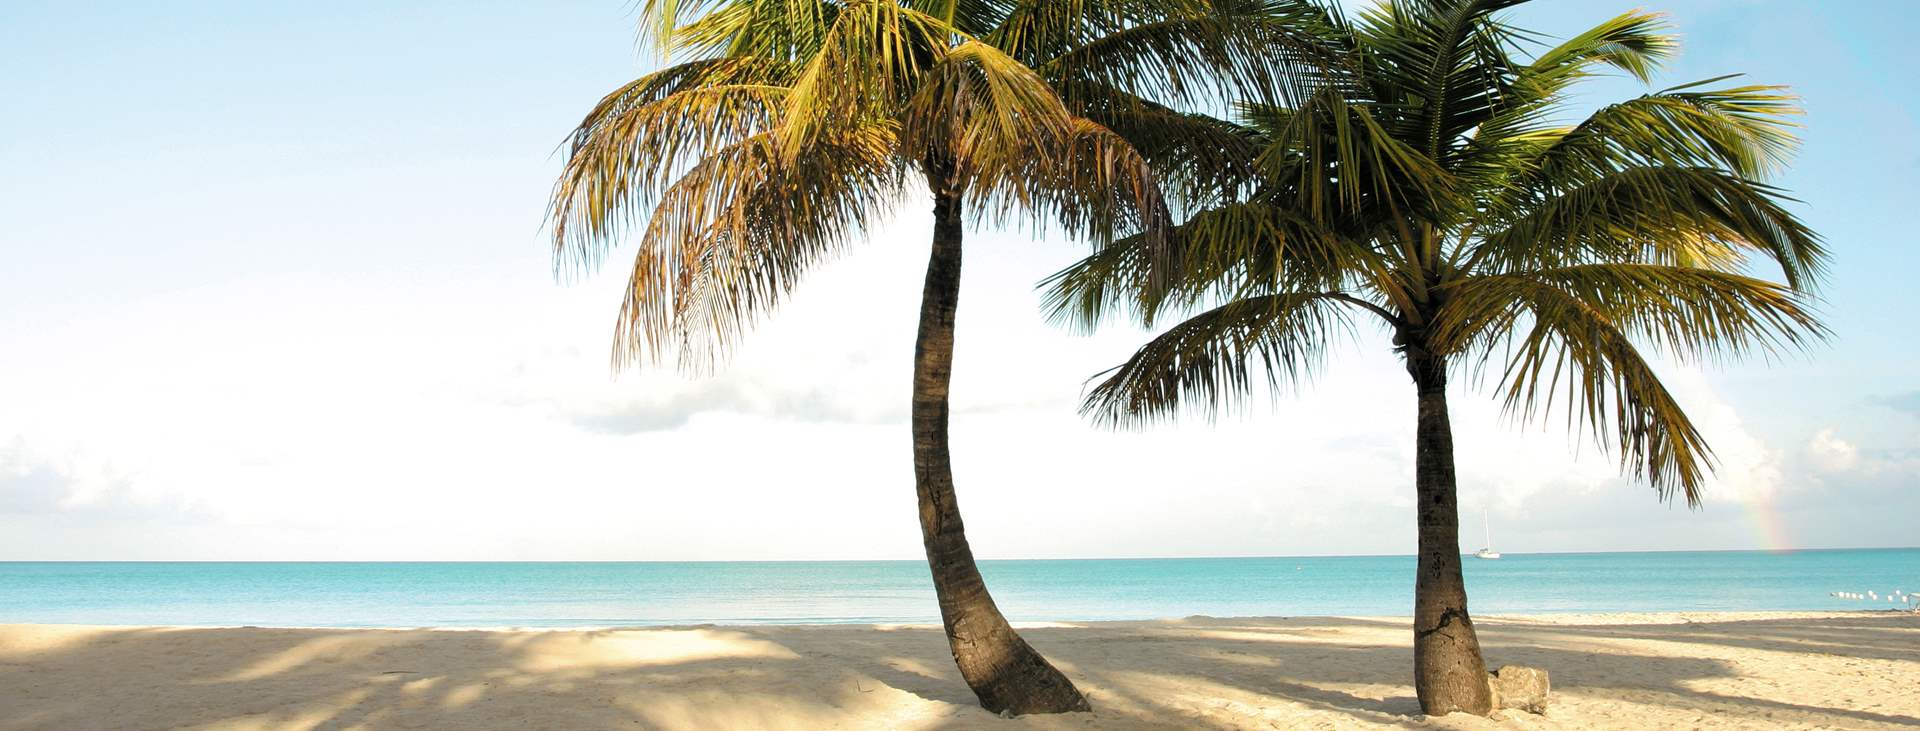 Boka en resa till Antigua med Ving